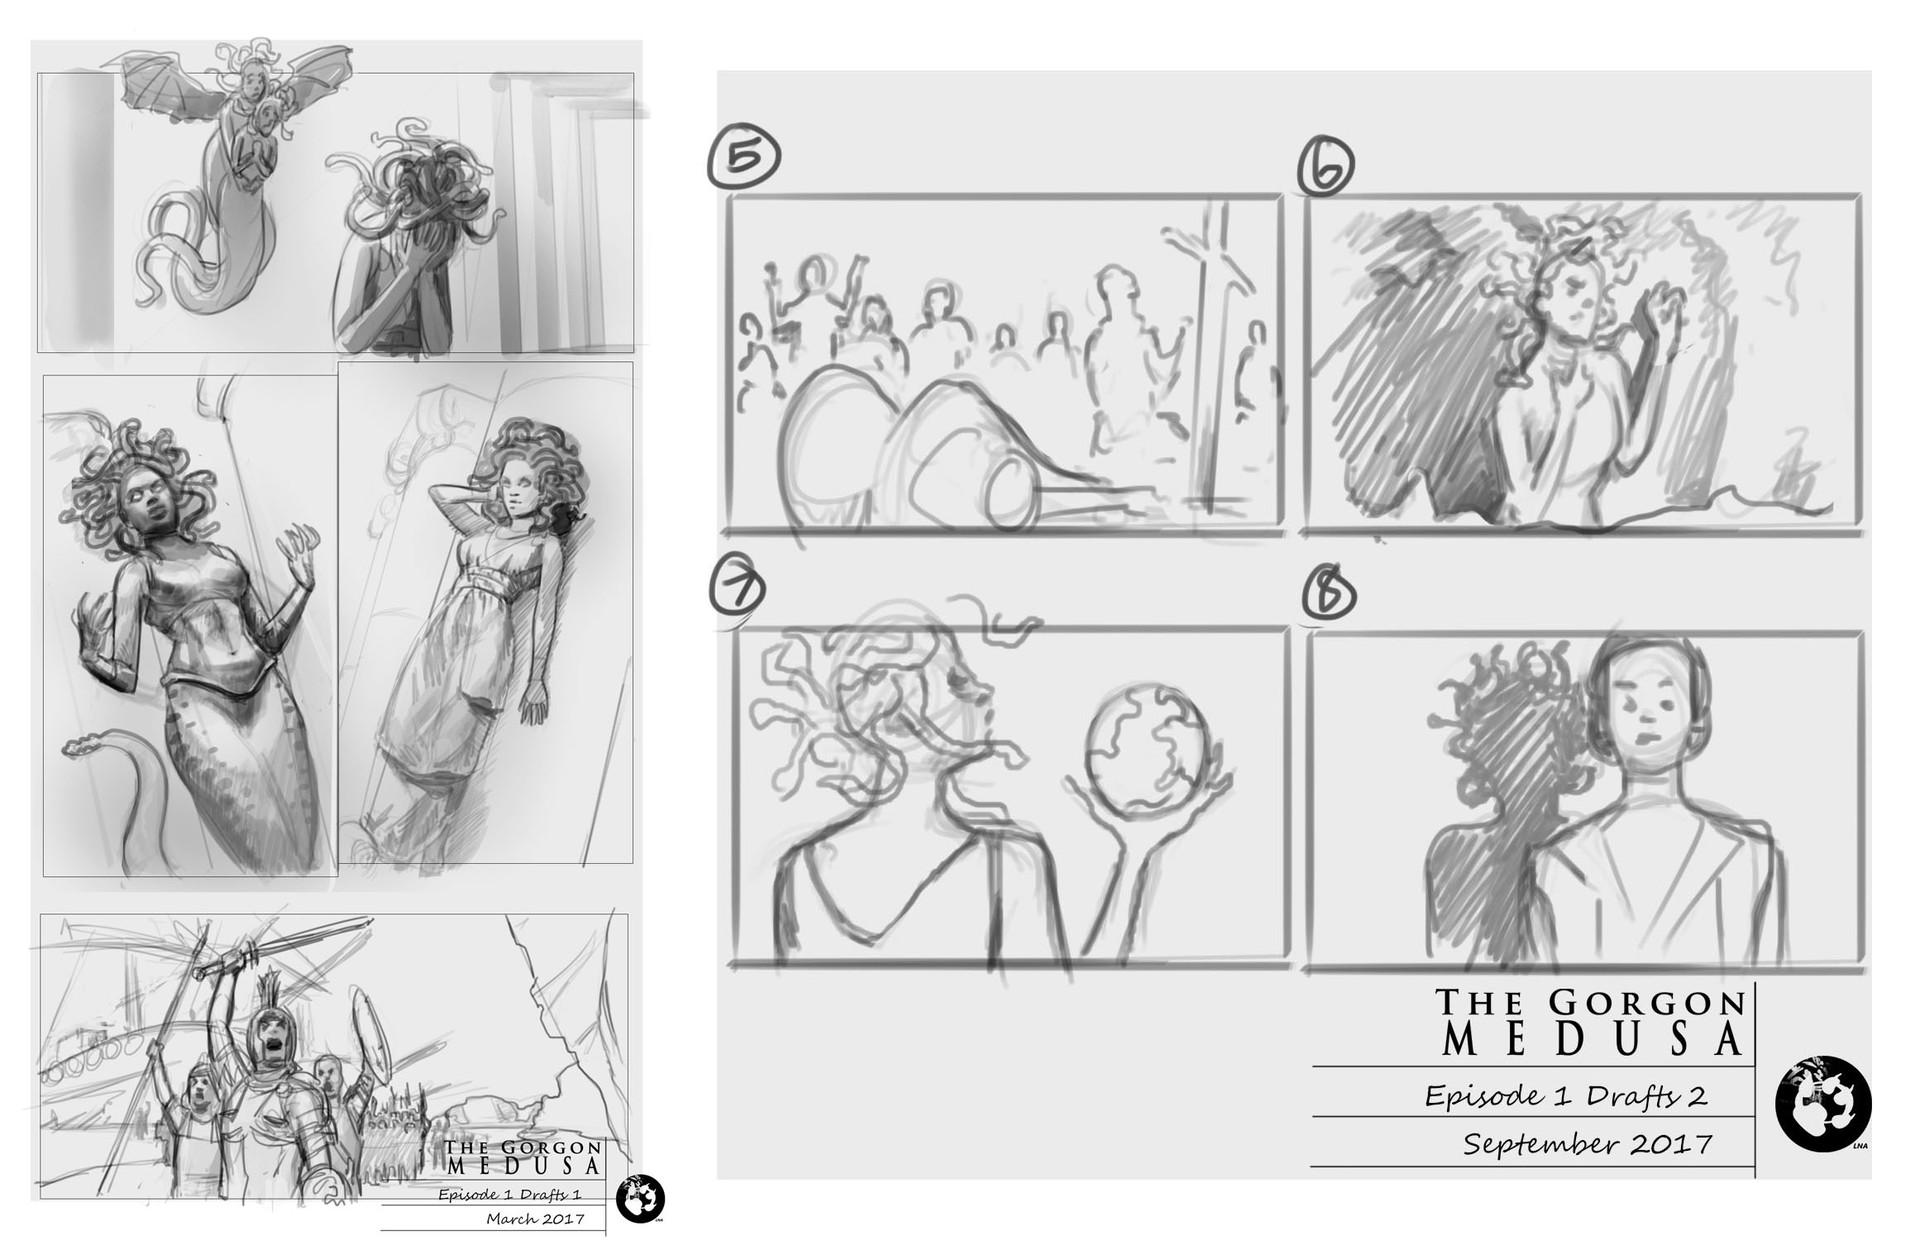 La vata e o neal 03302017 illustration drafts 1 and 2